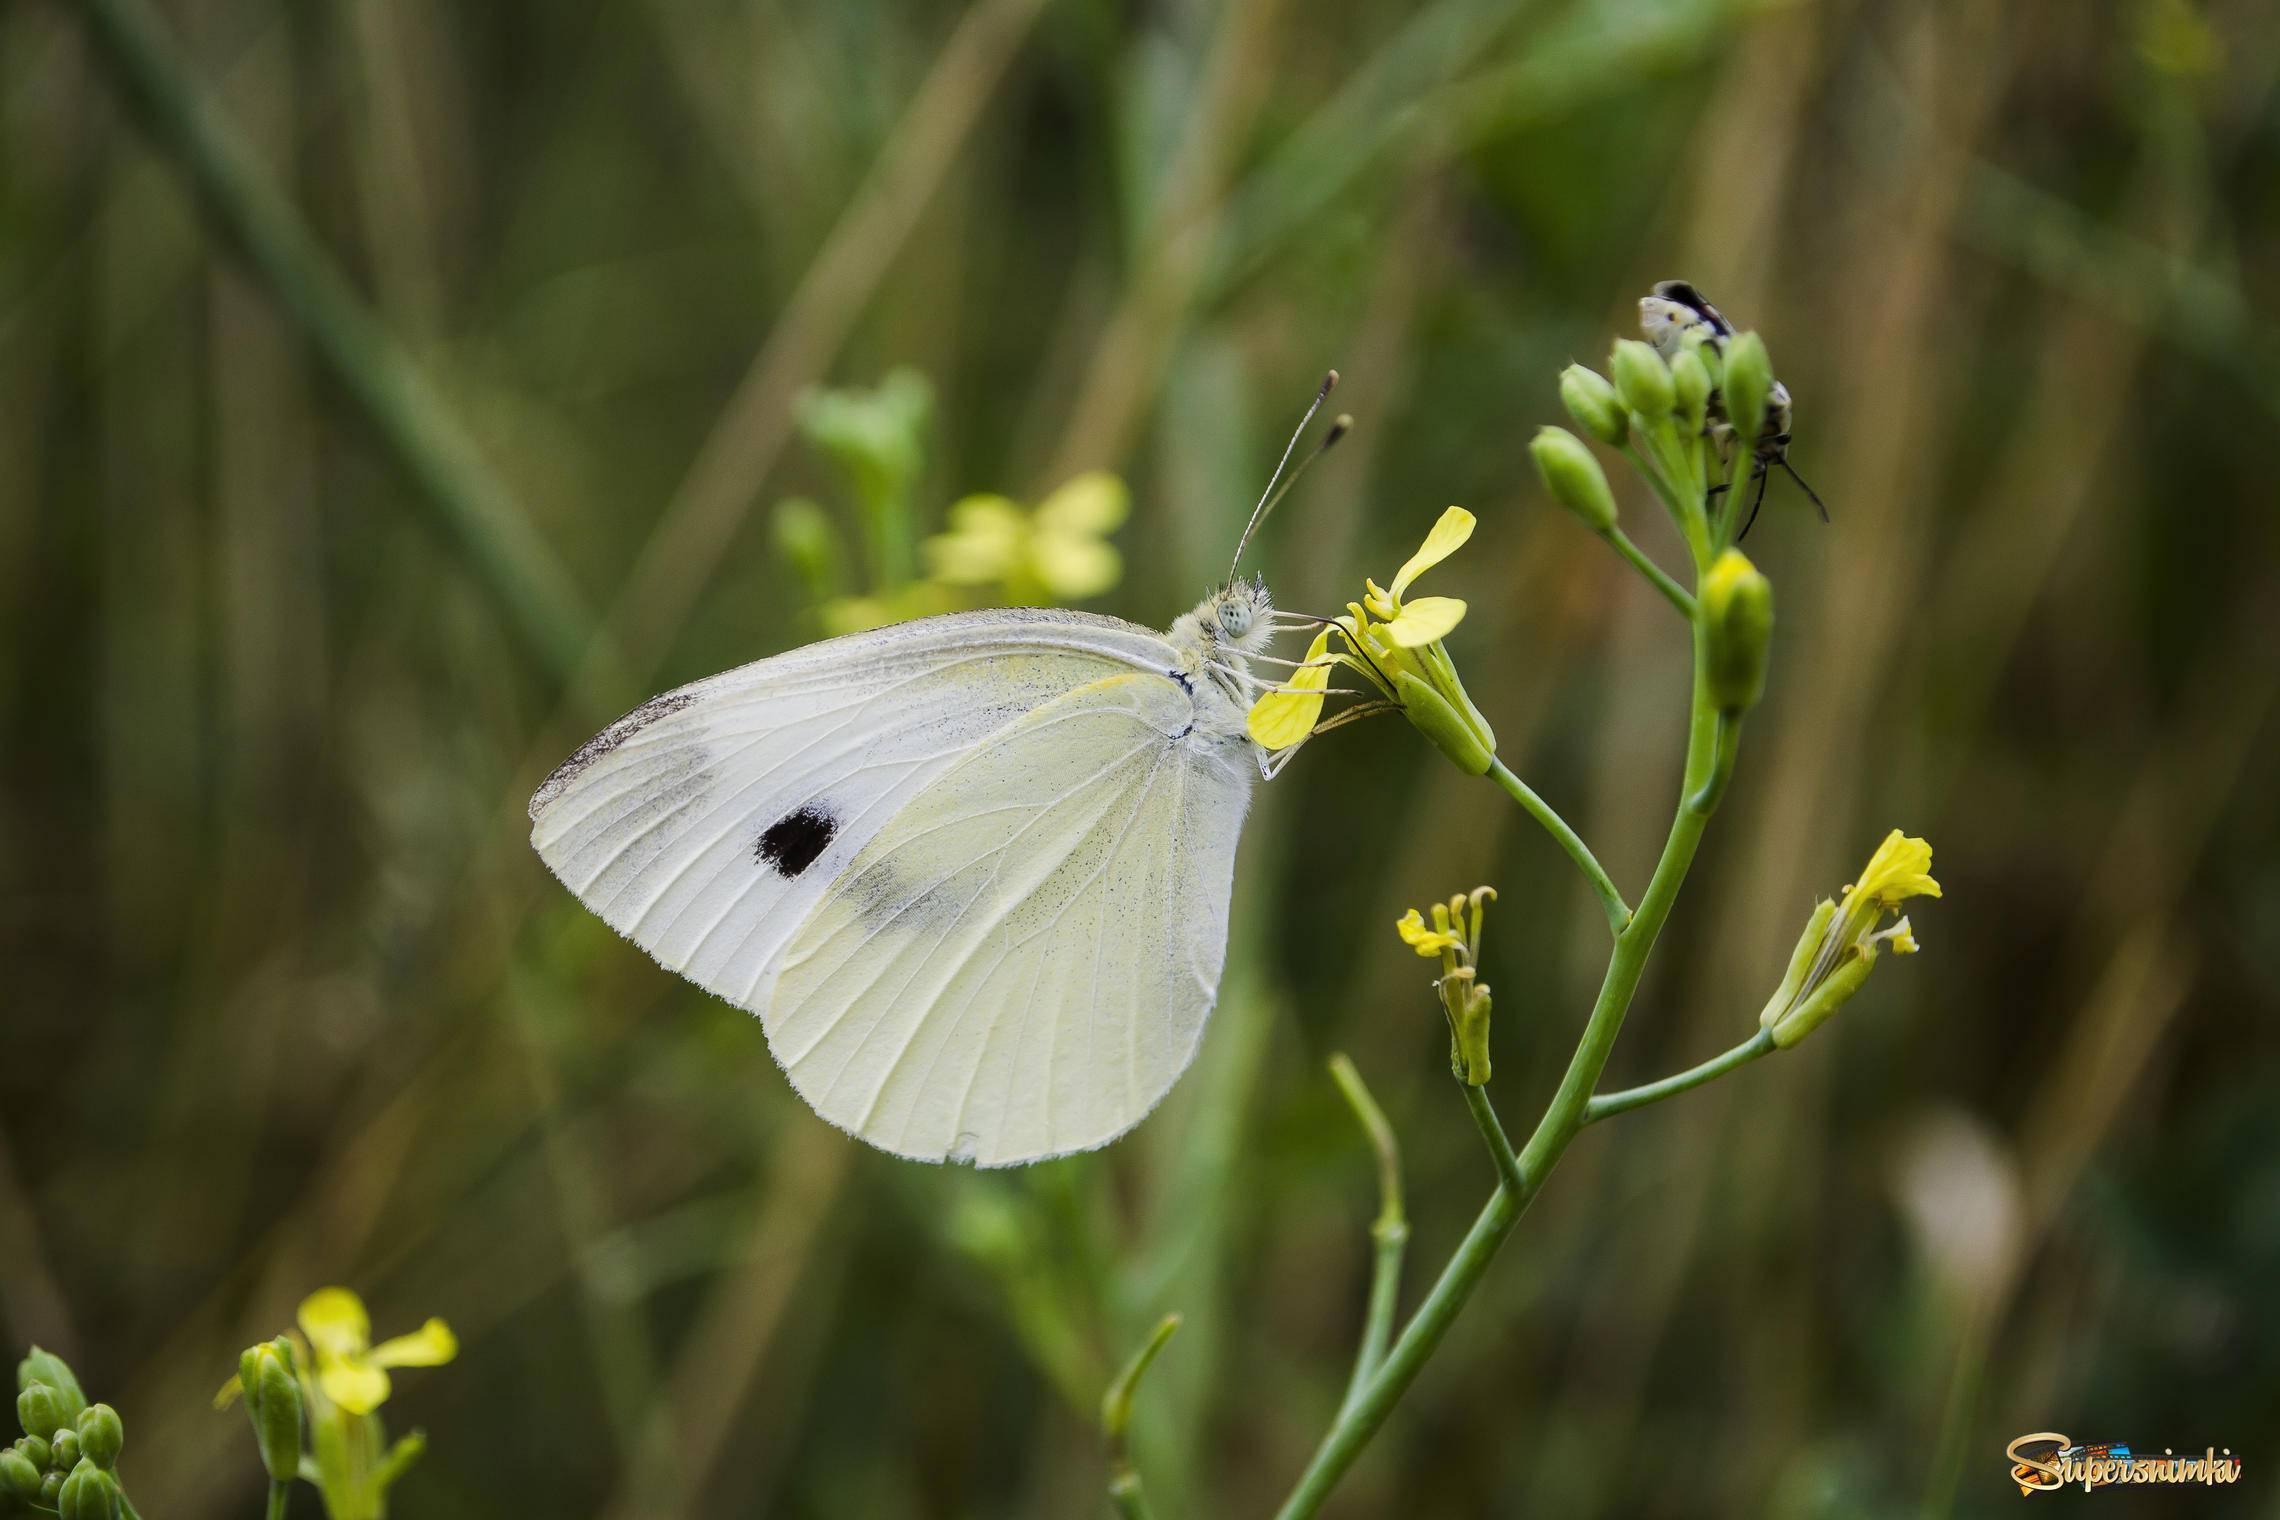 Тизания агриппина (совка агриппа) – самая крупная по размаху крыльев бабочка в мире